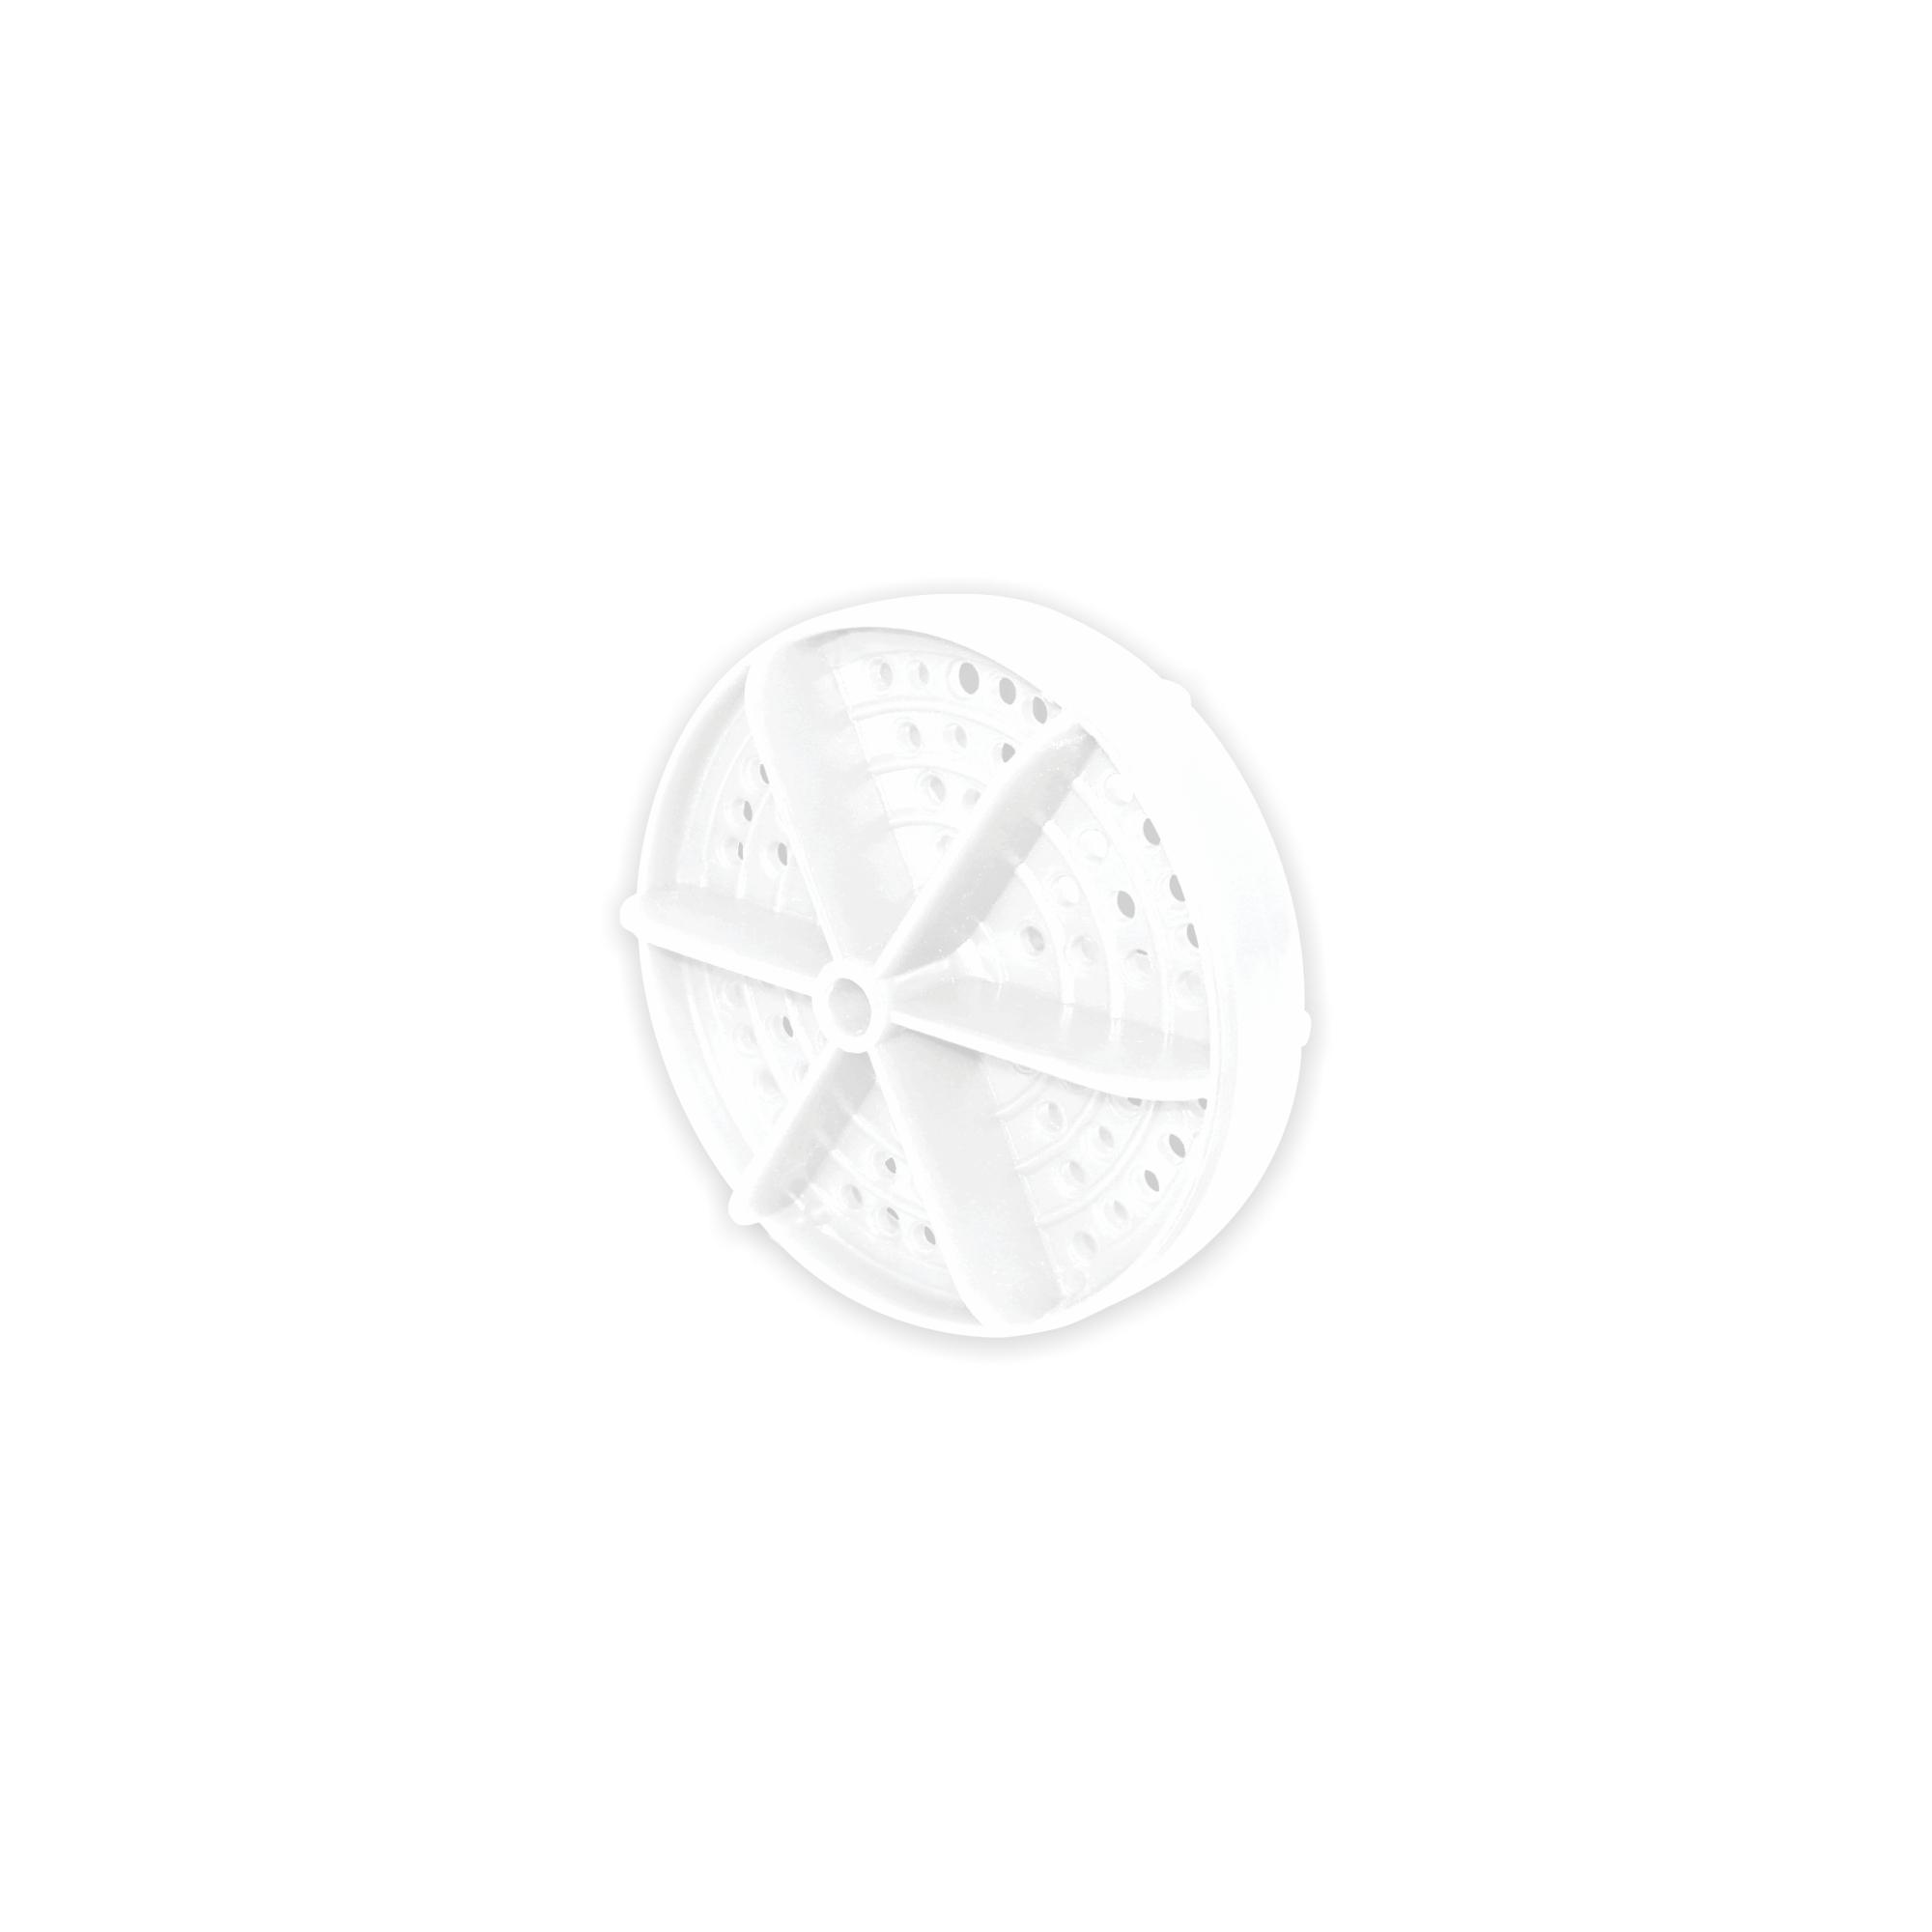 Raia de Piscina Branca